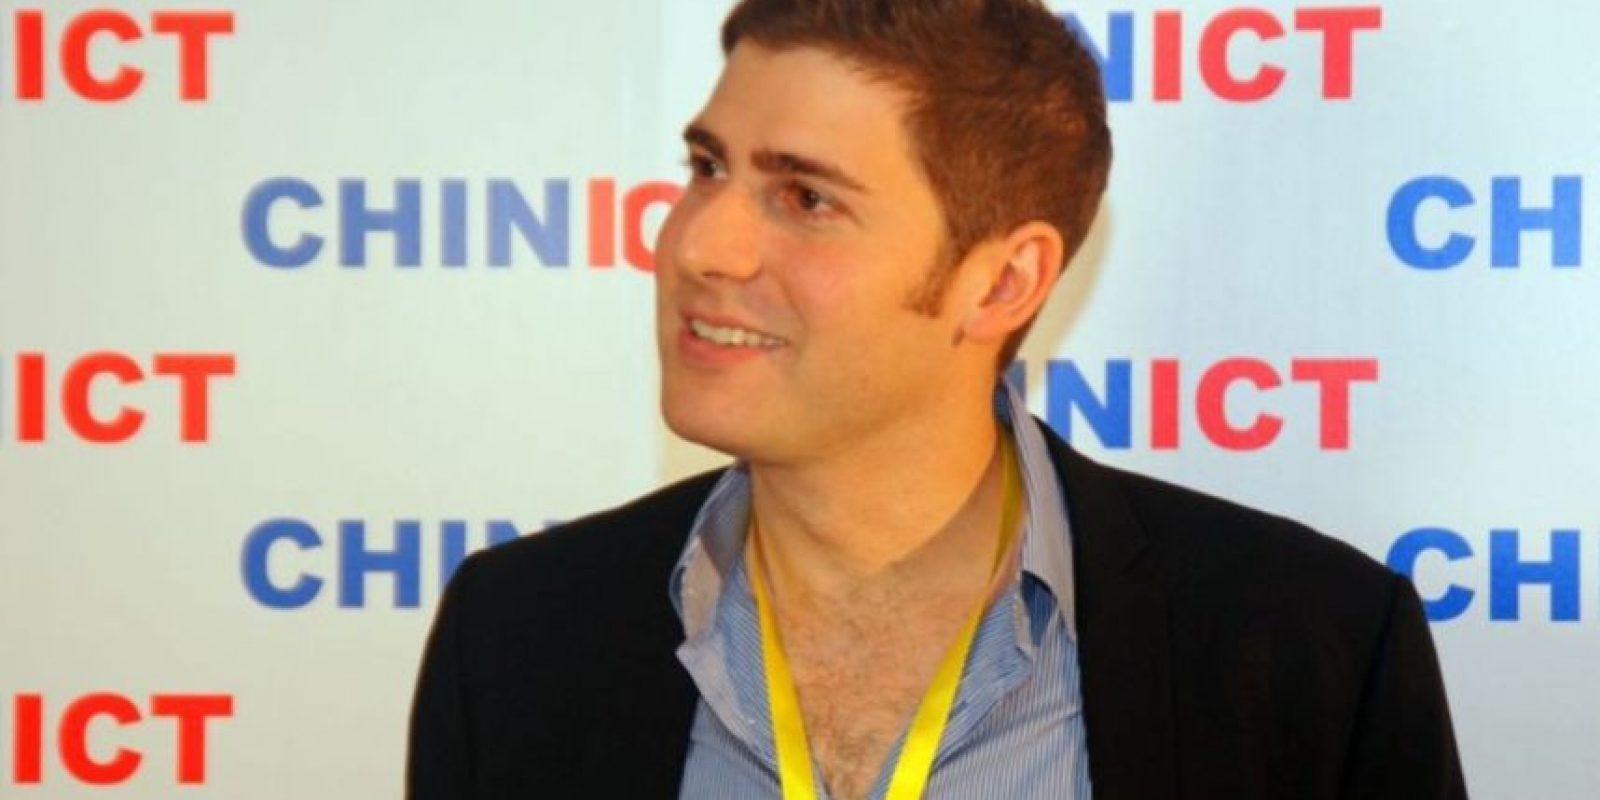 Saverin nació en São Paulo, Brasil, en el seno de una familia judía. Fue criado en Miami, Florida. Foto:Wikicommons